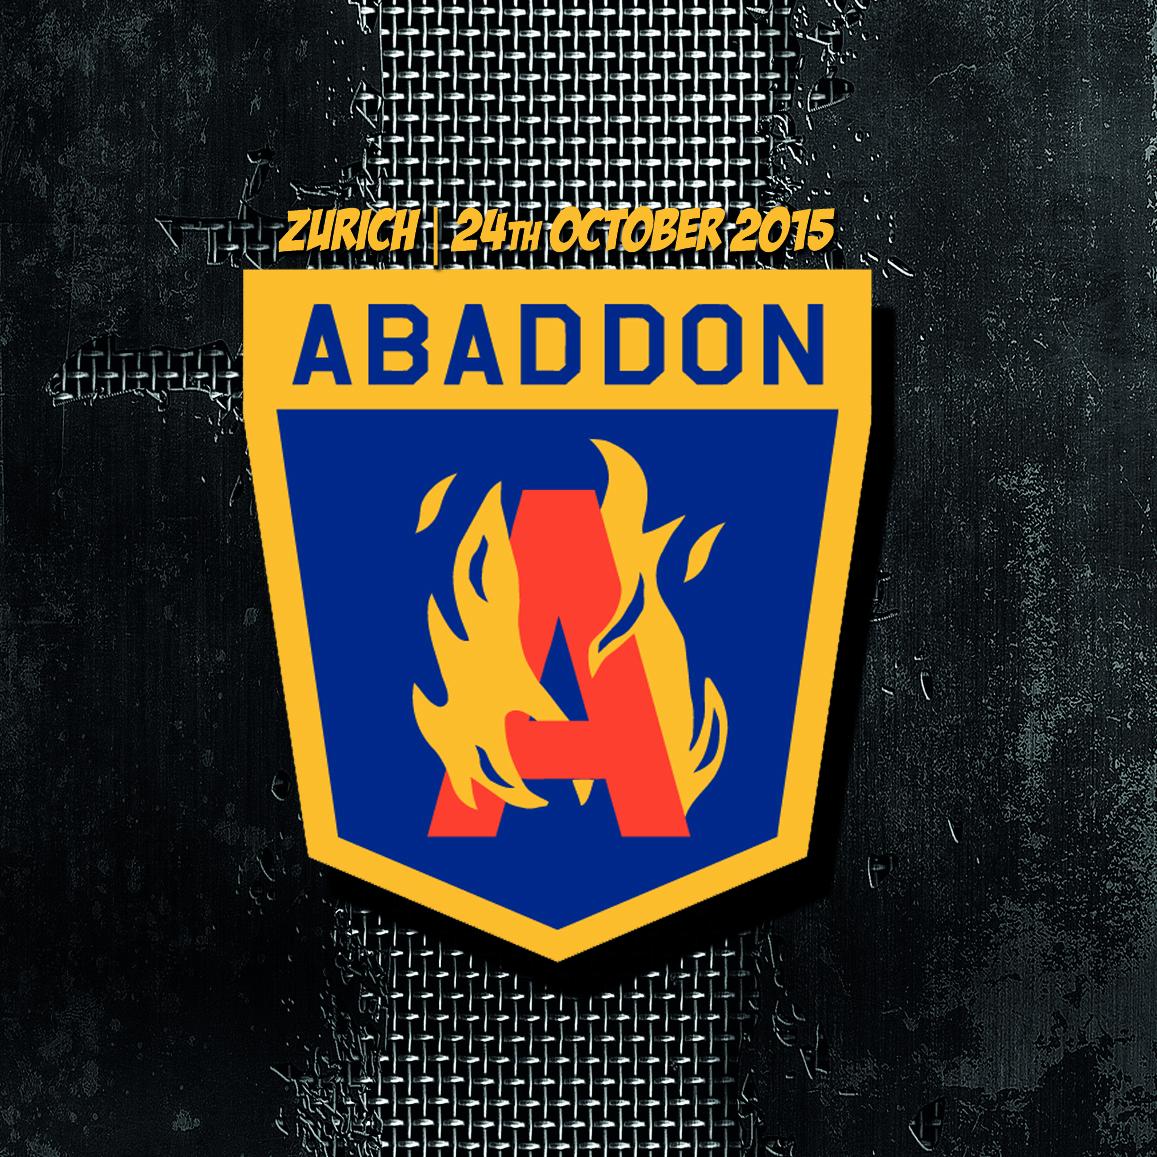 Abaddon Zurich Video #1